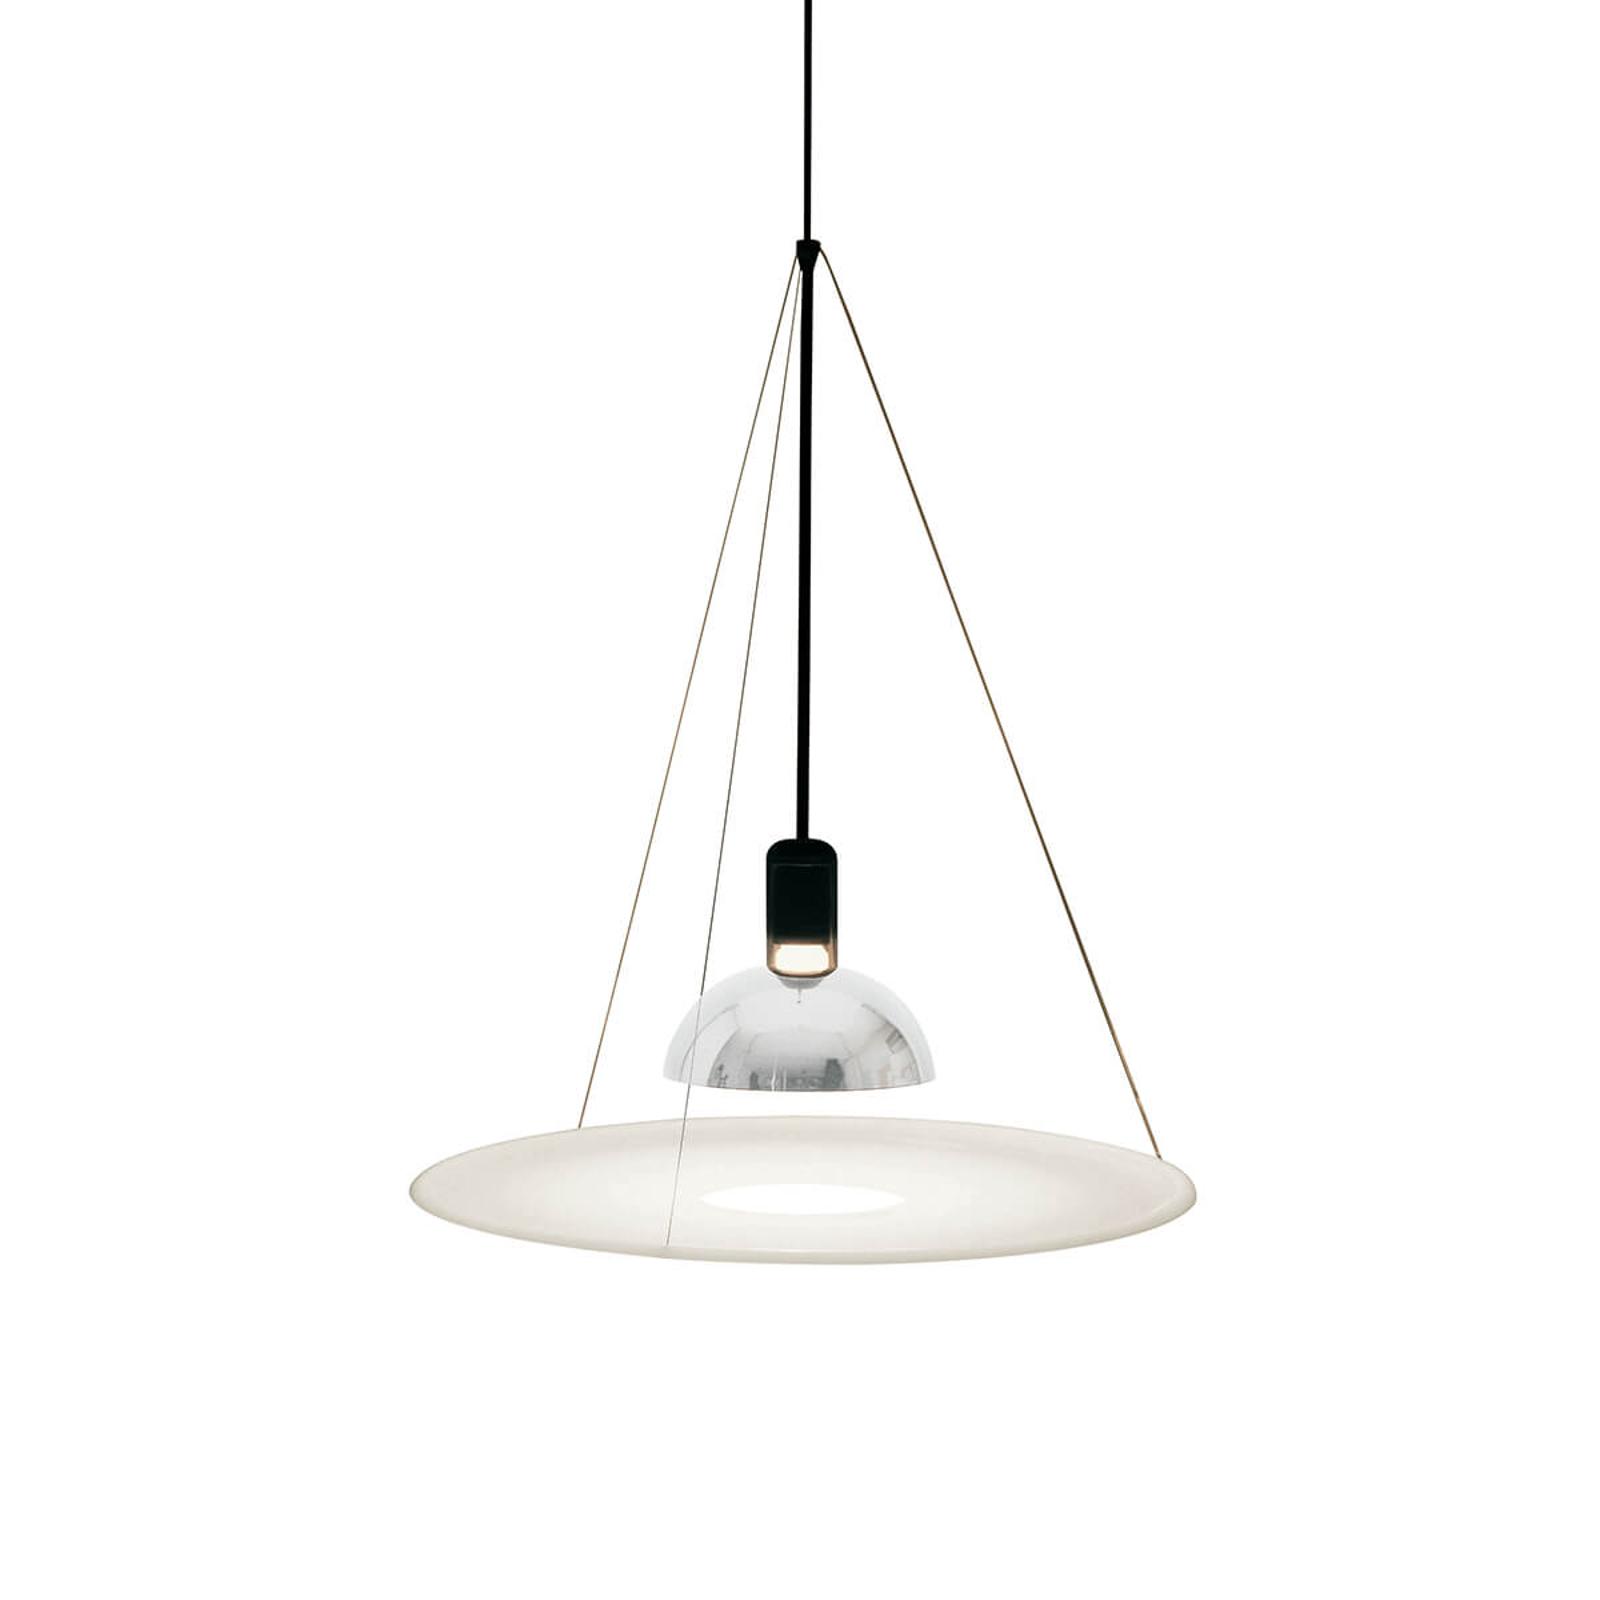 FRISBI pendellampe med hvit skive | Lampegiganten.no